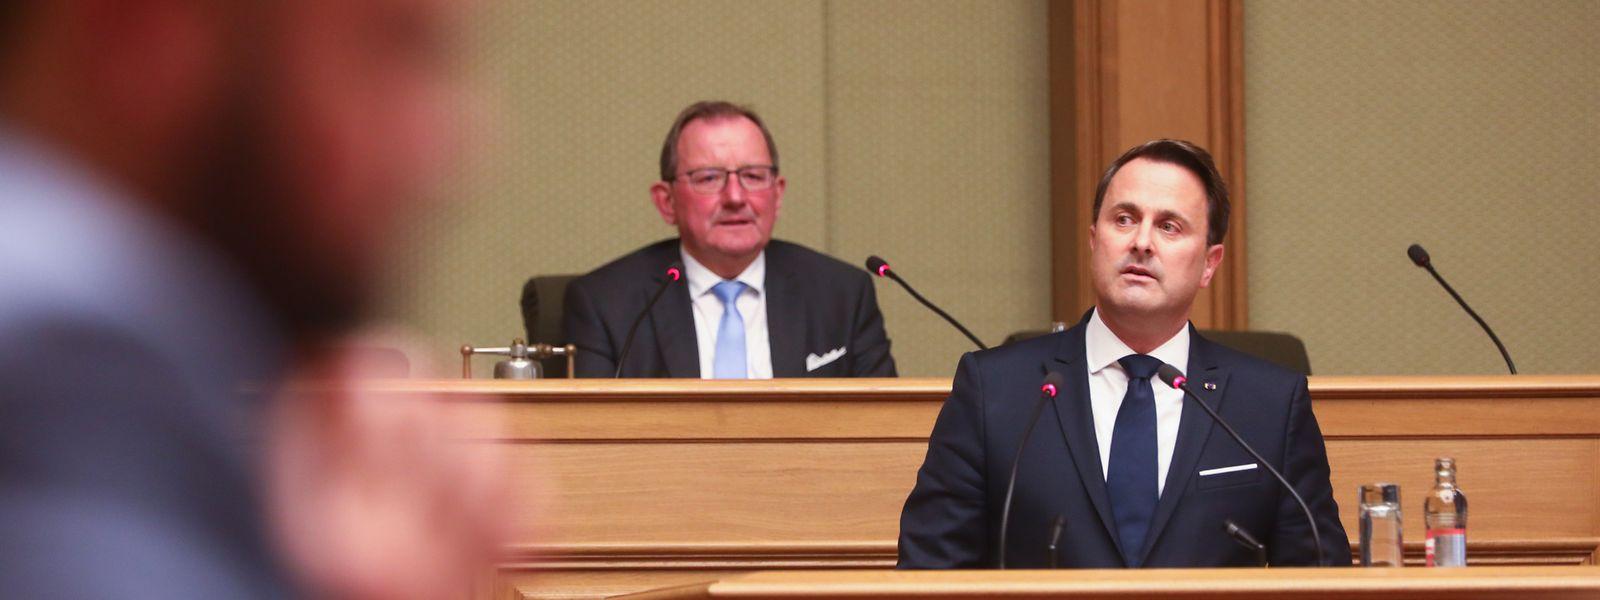 Premierminister Xavier Bettel legte die Schwerpunkte seiner Regierungserklärung auf die Themen Klimaschutz, Brexit, Finanzen und Datenschutz.